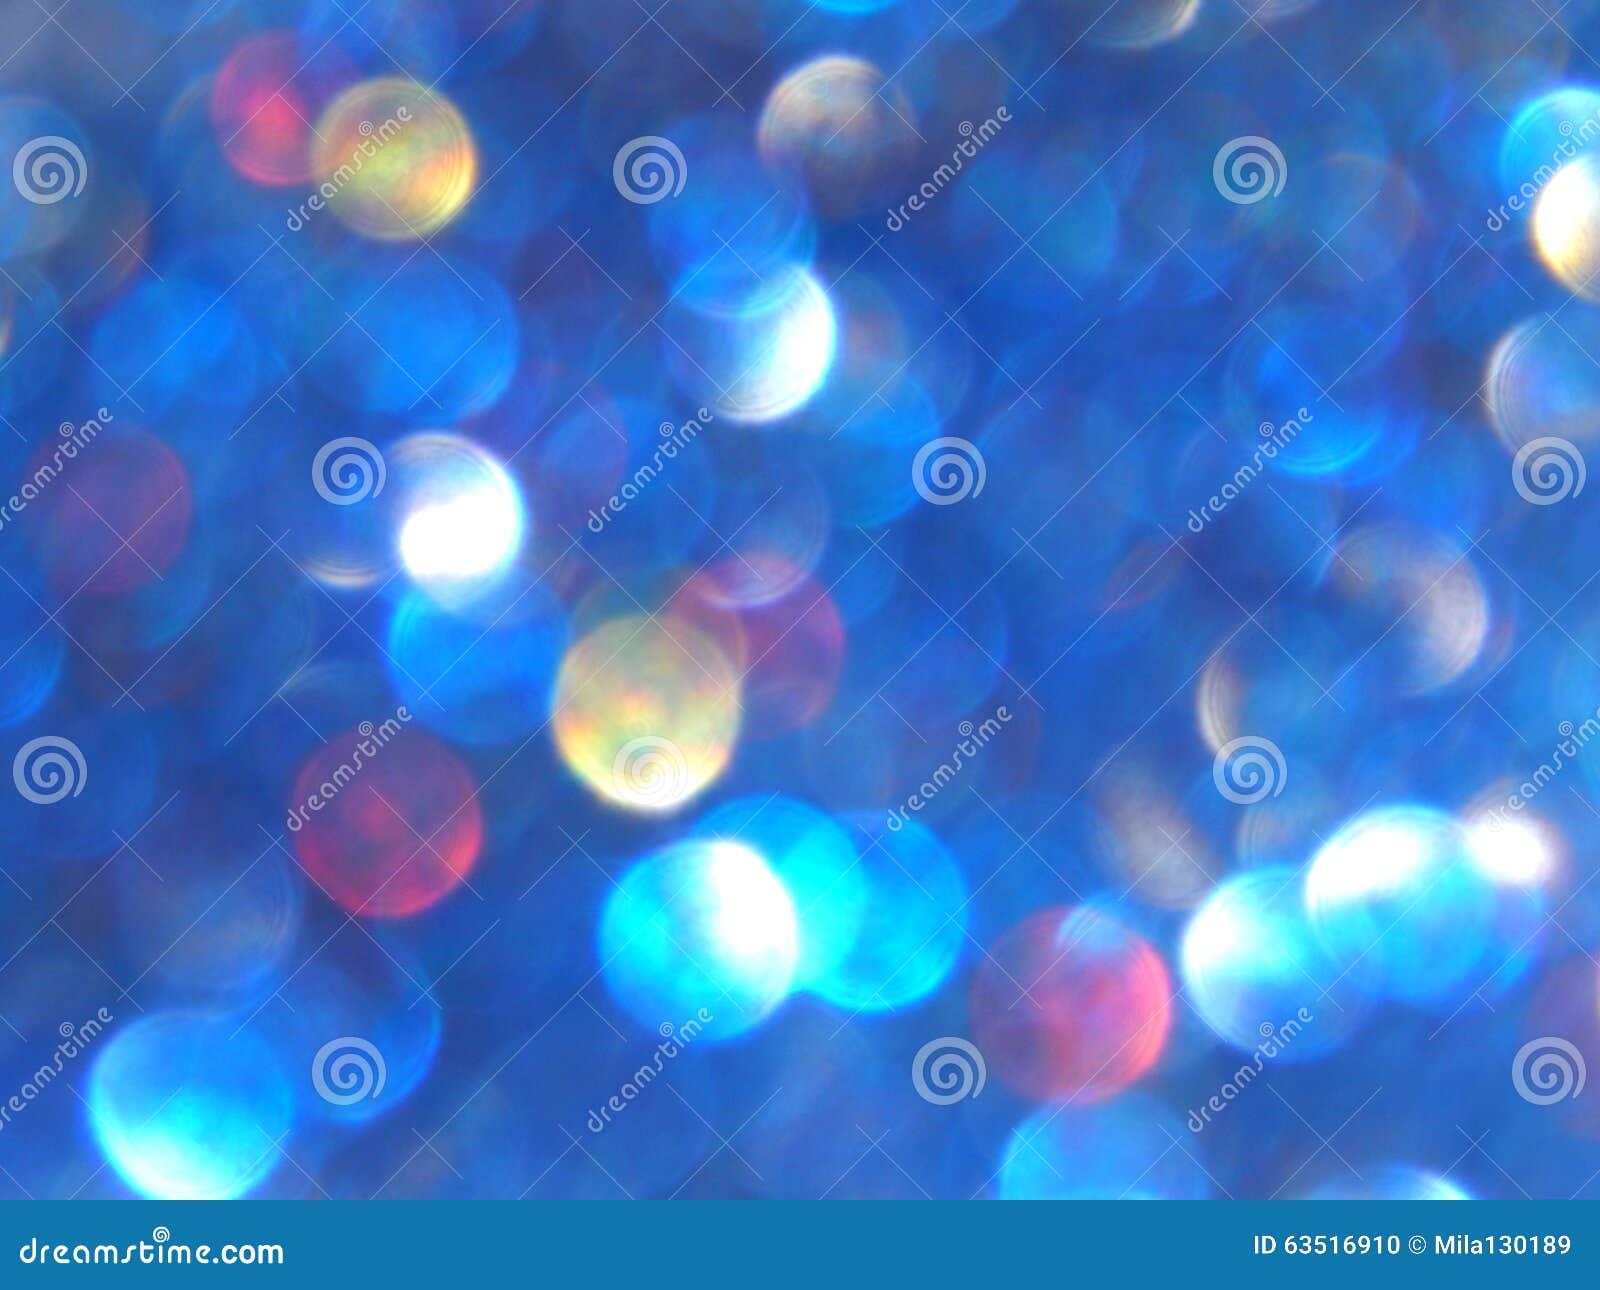 Ελαφριά, μπλε, κόκκινα και κίτρινα μουτζουρωμένα σπινθηρίσματα Defocused bokeh, υπόβαθρο